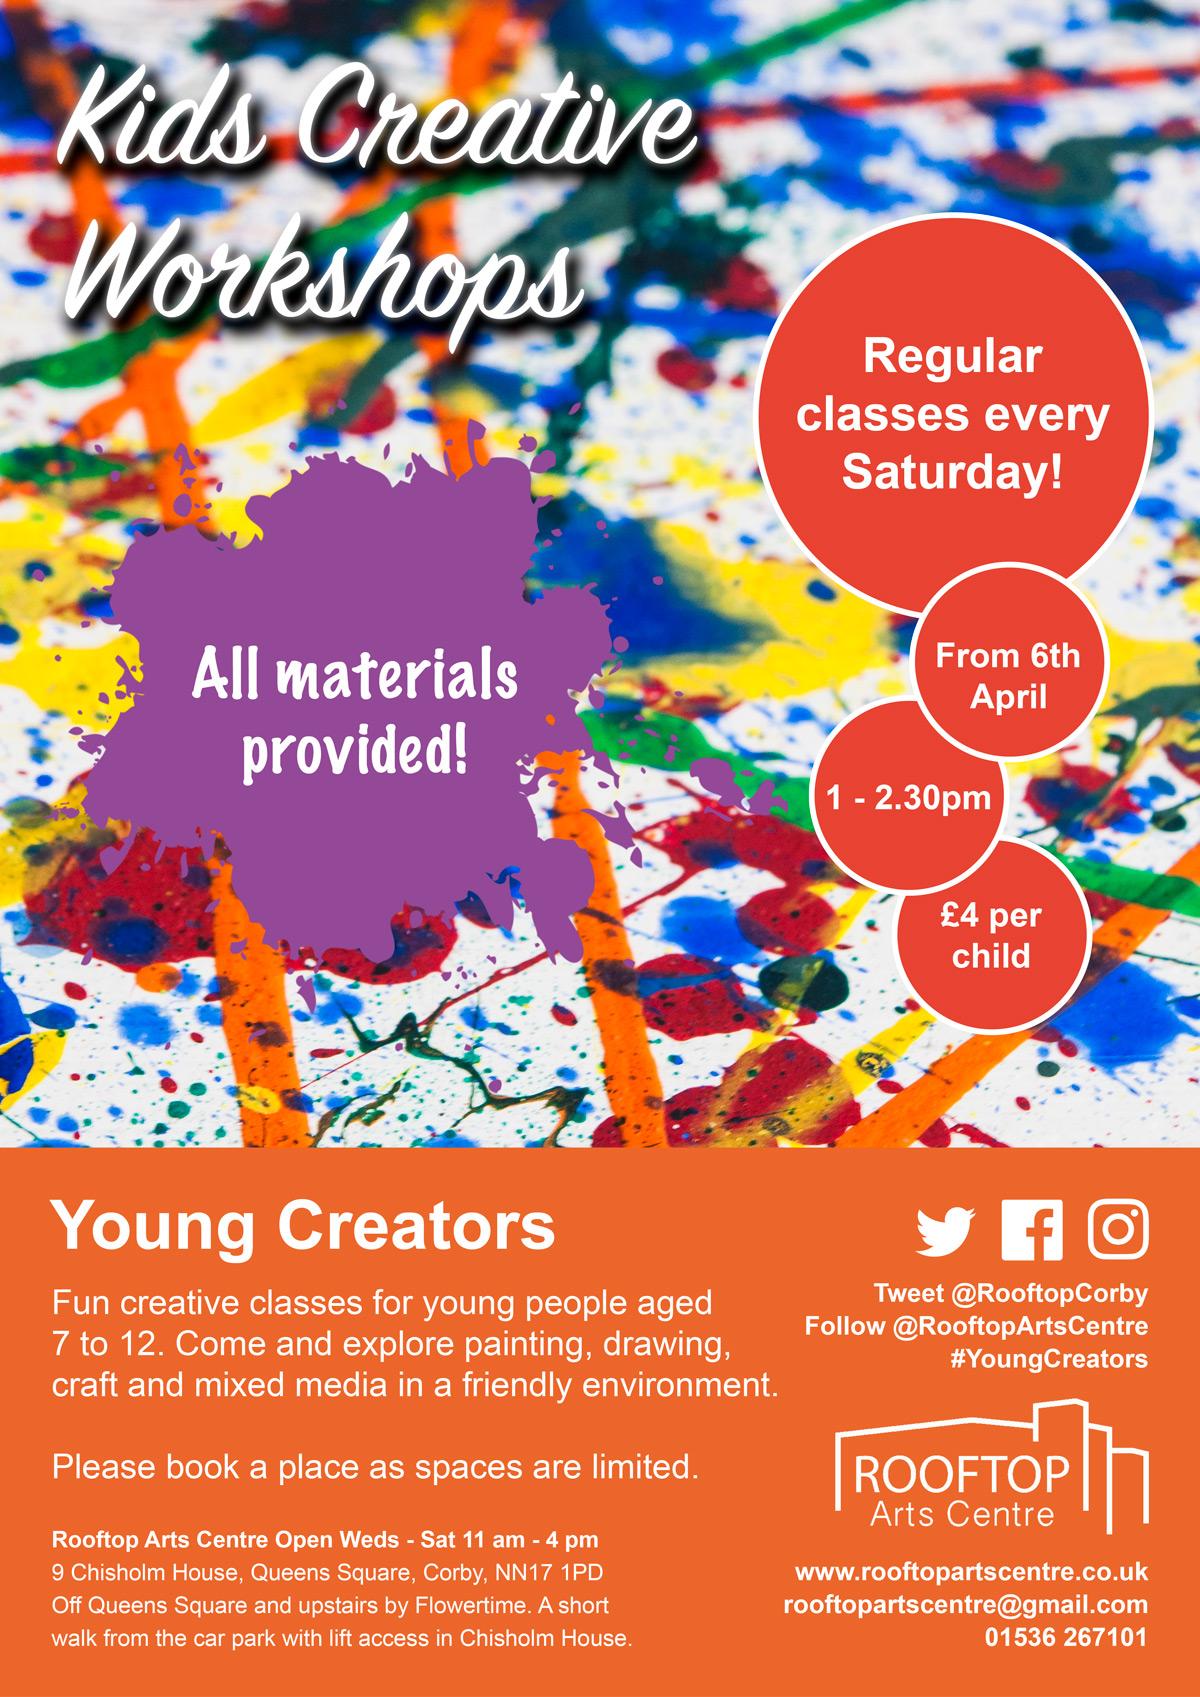 A3-Young-Creators-Poster-Q2-2019